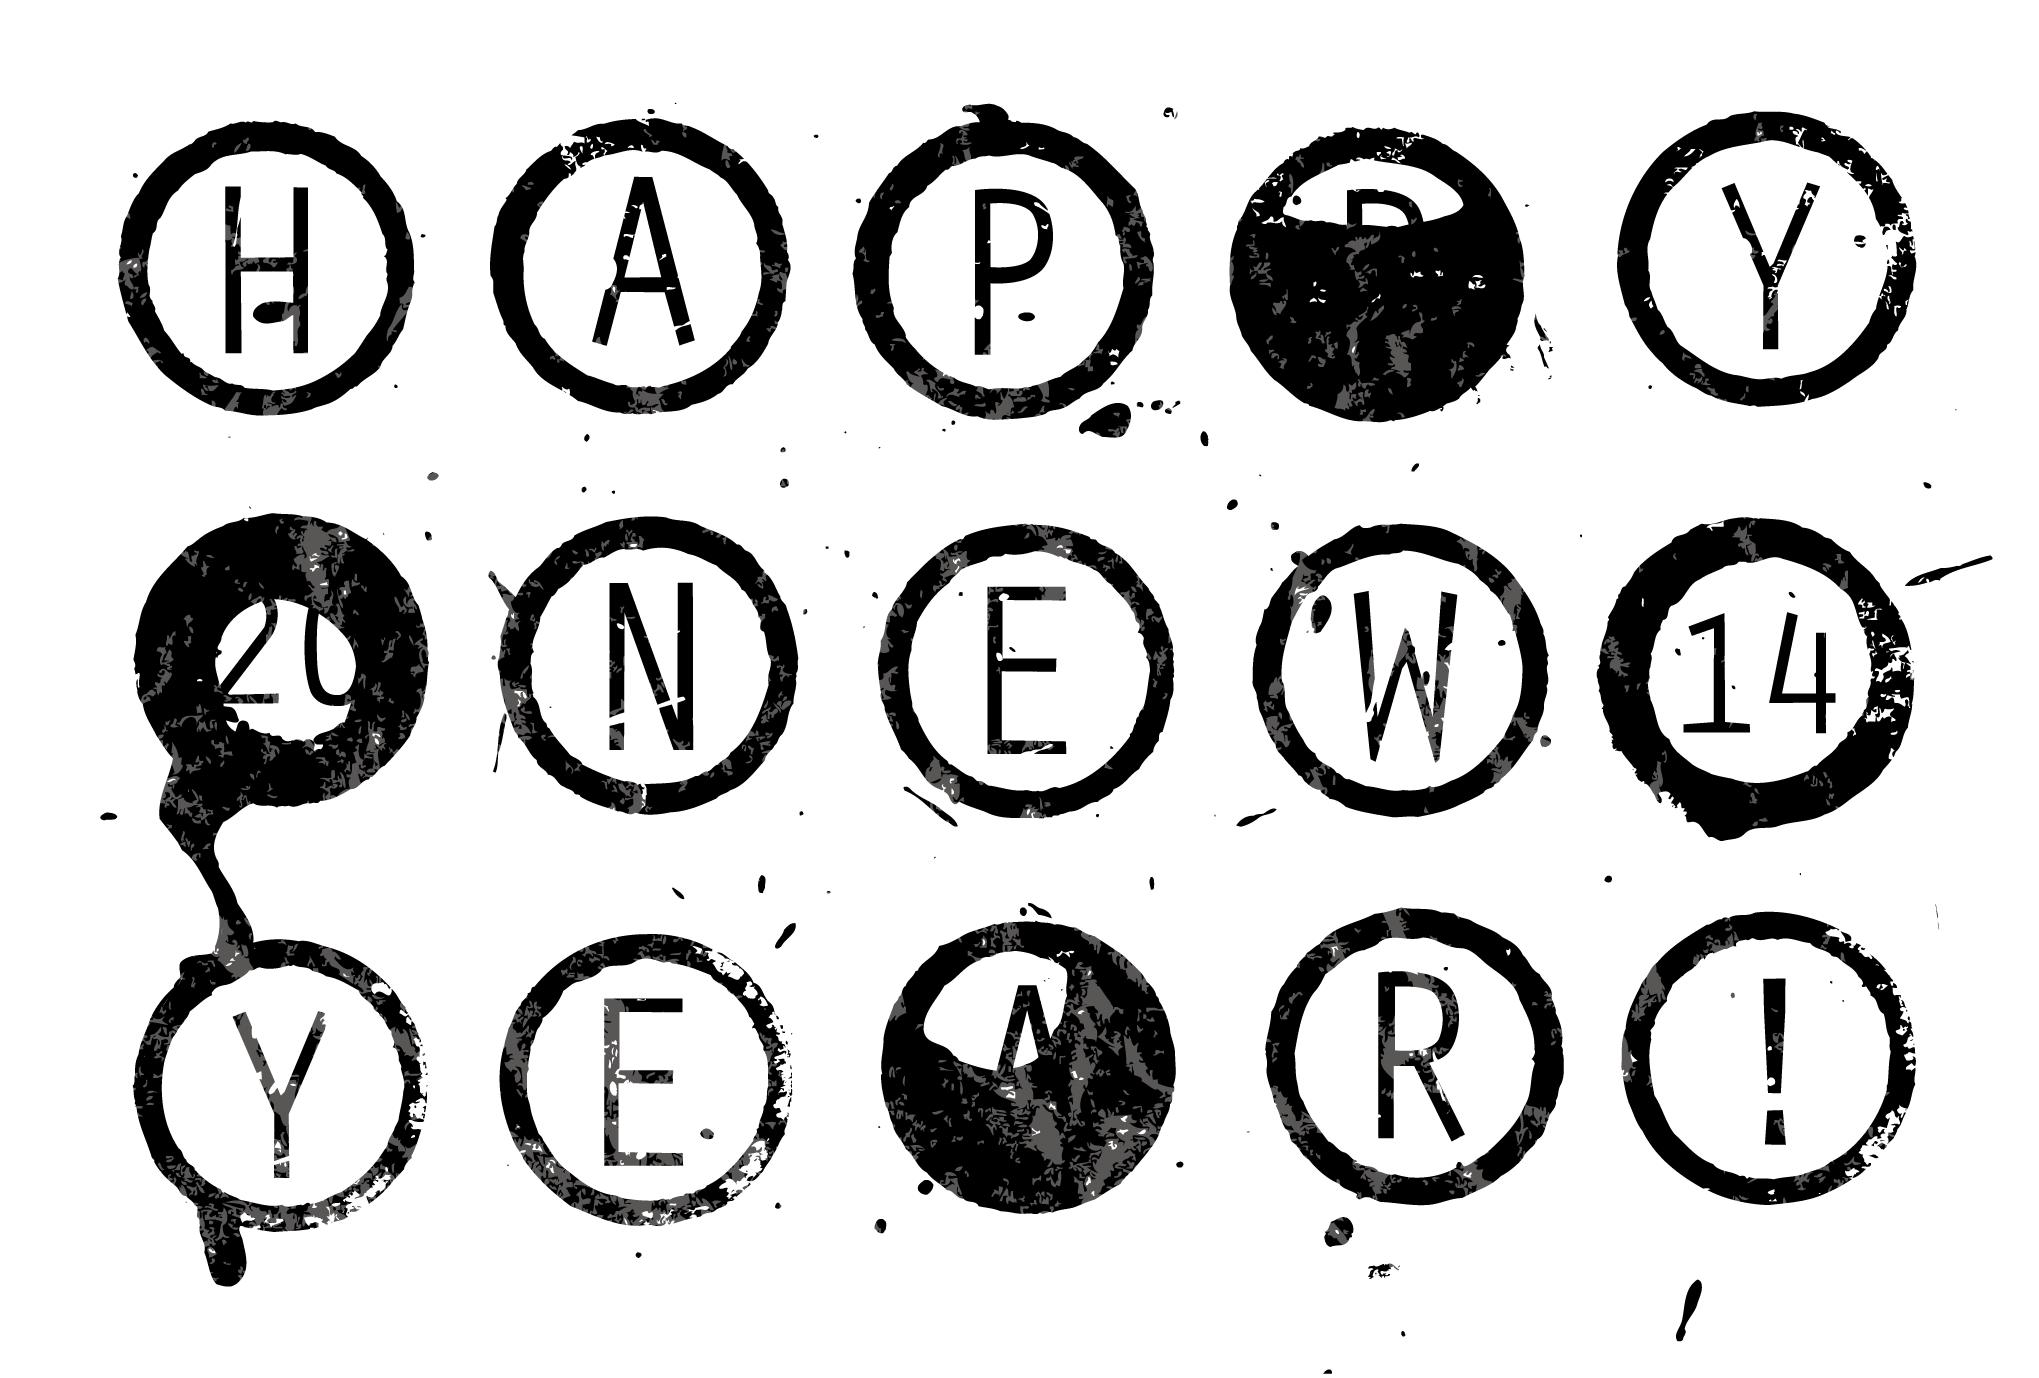 2014年賀状03-1:Circle 2014 / 1のダウンロード画像